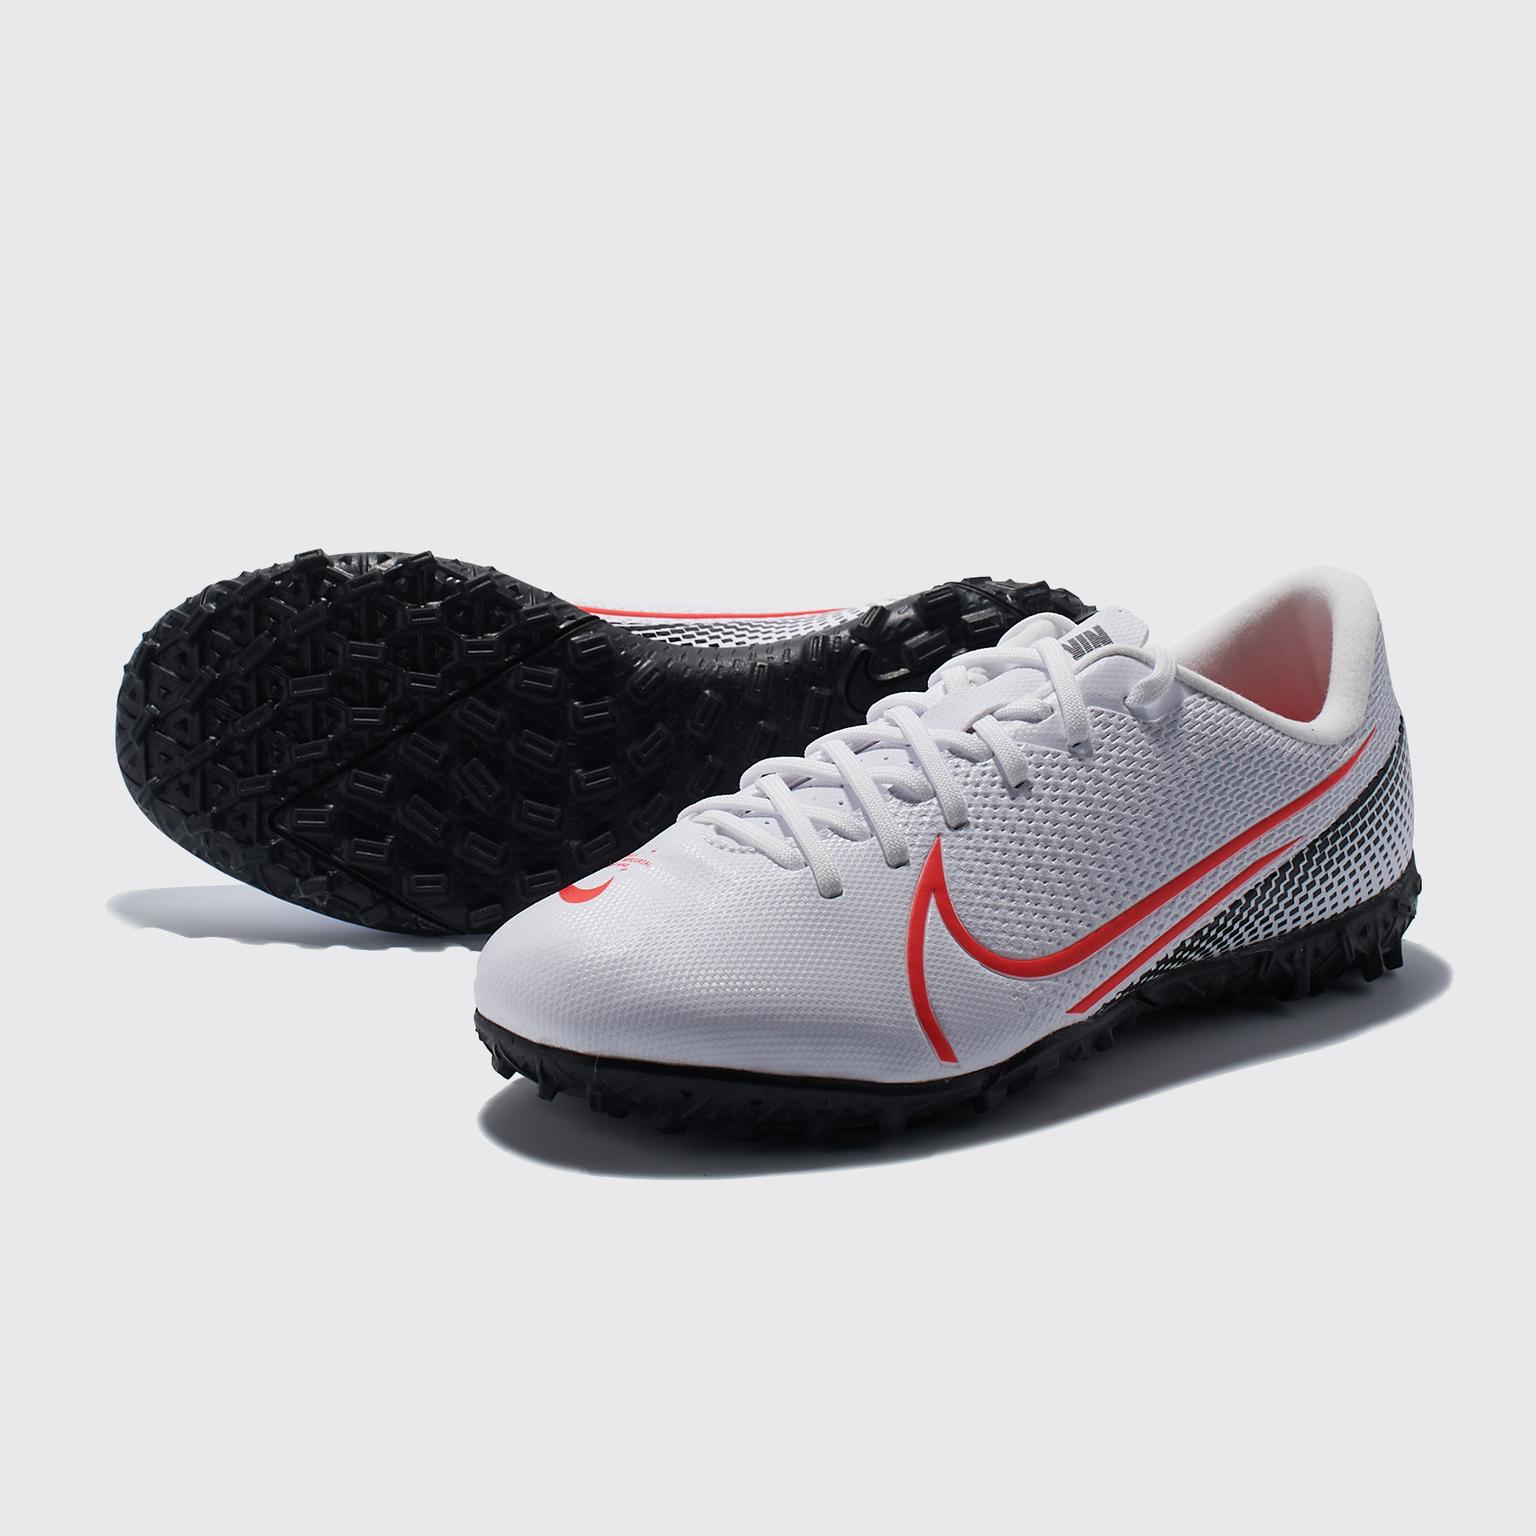 Шиповки детские Nike Vapor 13 Academy TF AT8145-160